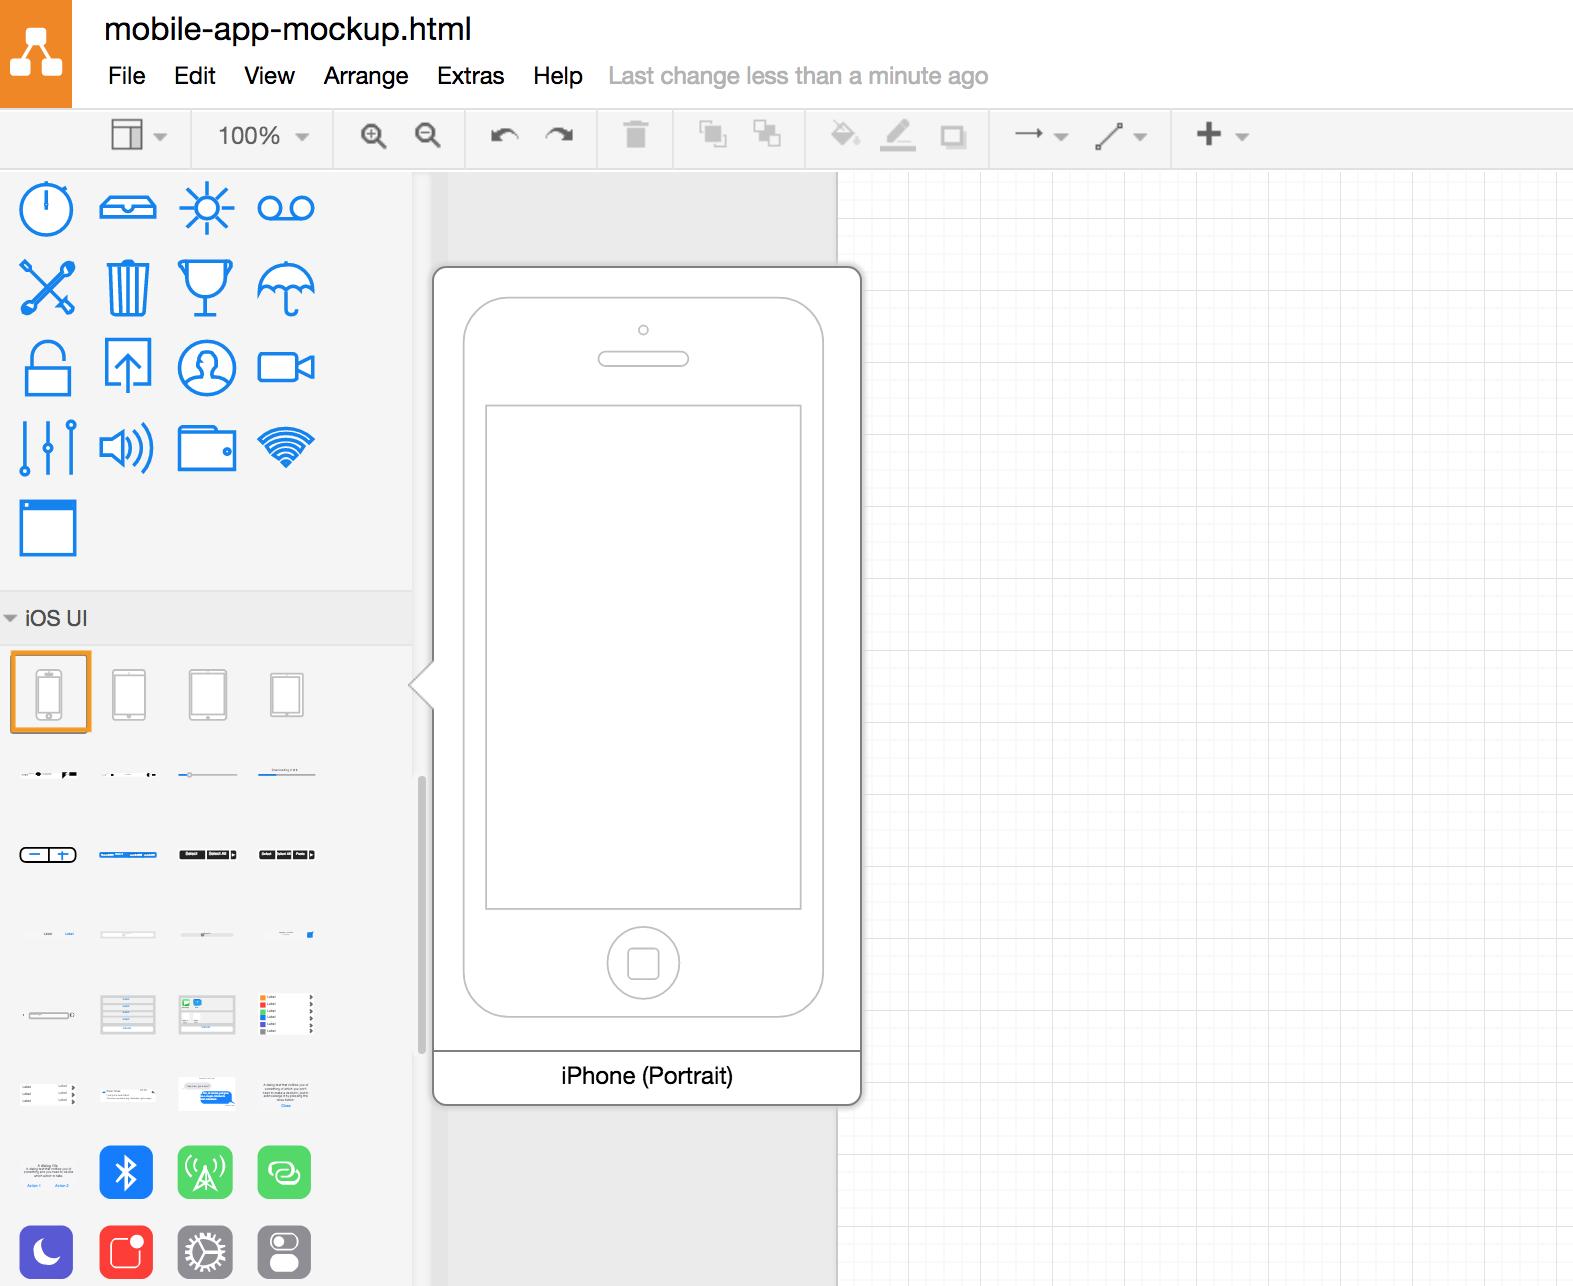 draw.io-插入iPhone轮廓